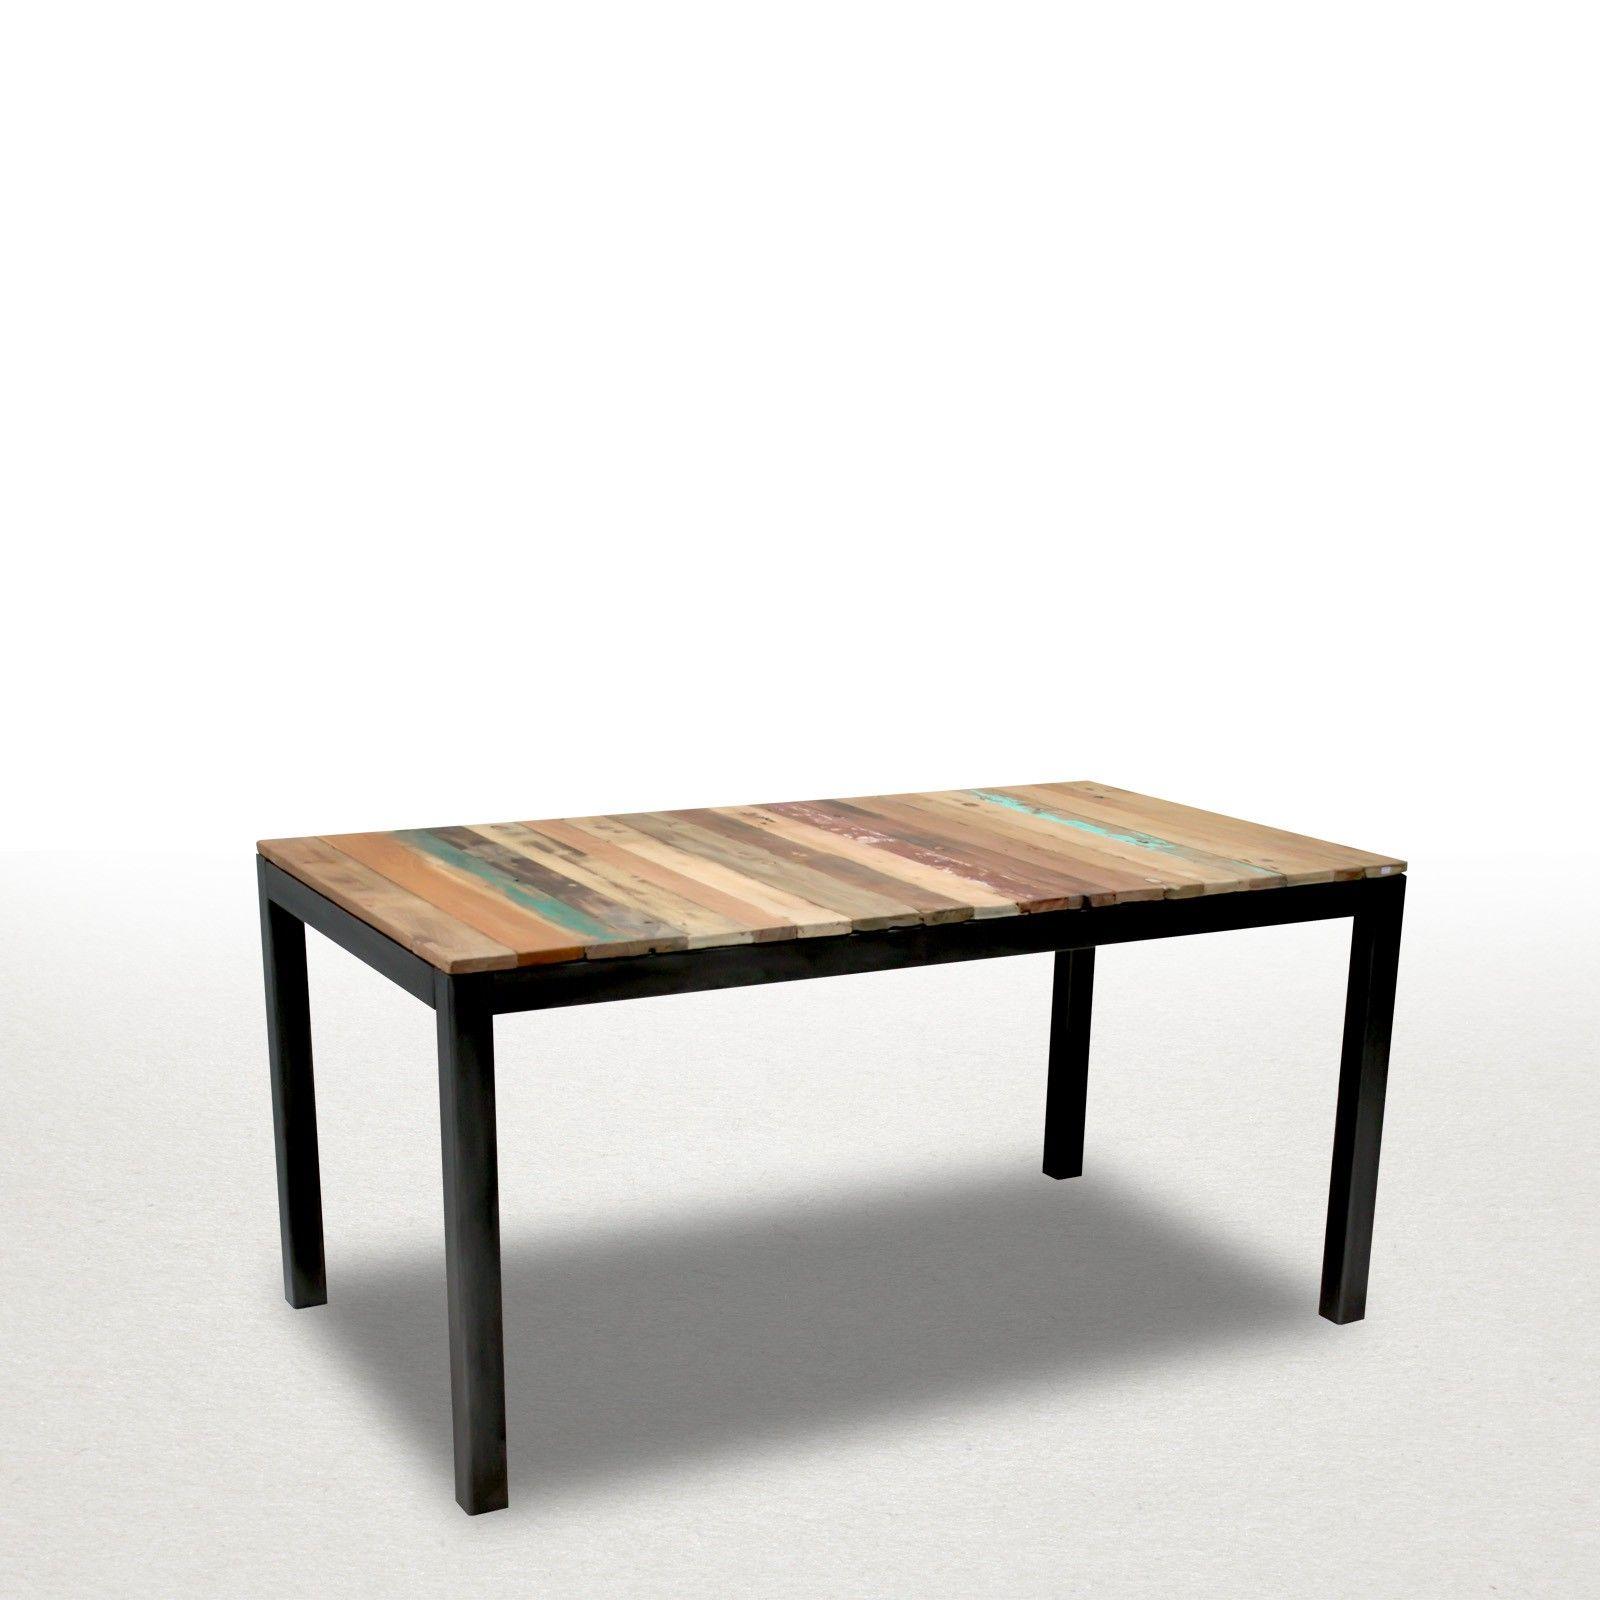 meuble industriel en bois de bateau table de repas 180cm avec 2 allonges de 50cm mod le ed352. Black Bedroom Furniture Sets. Home Design Ideas